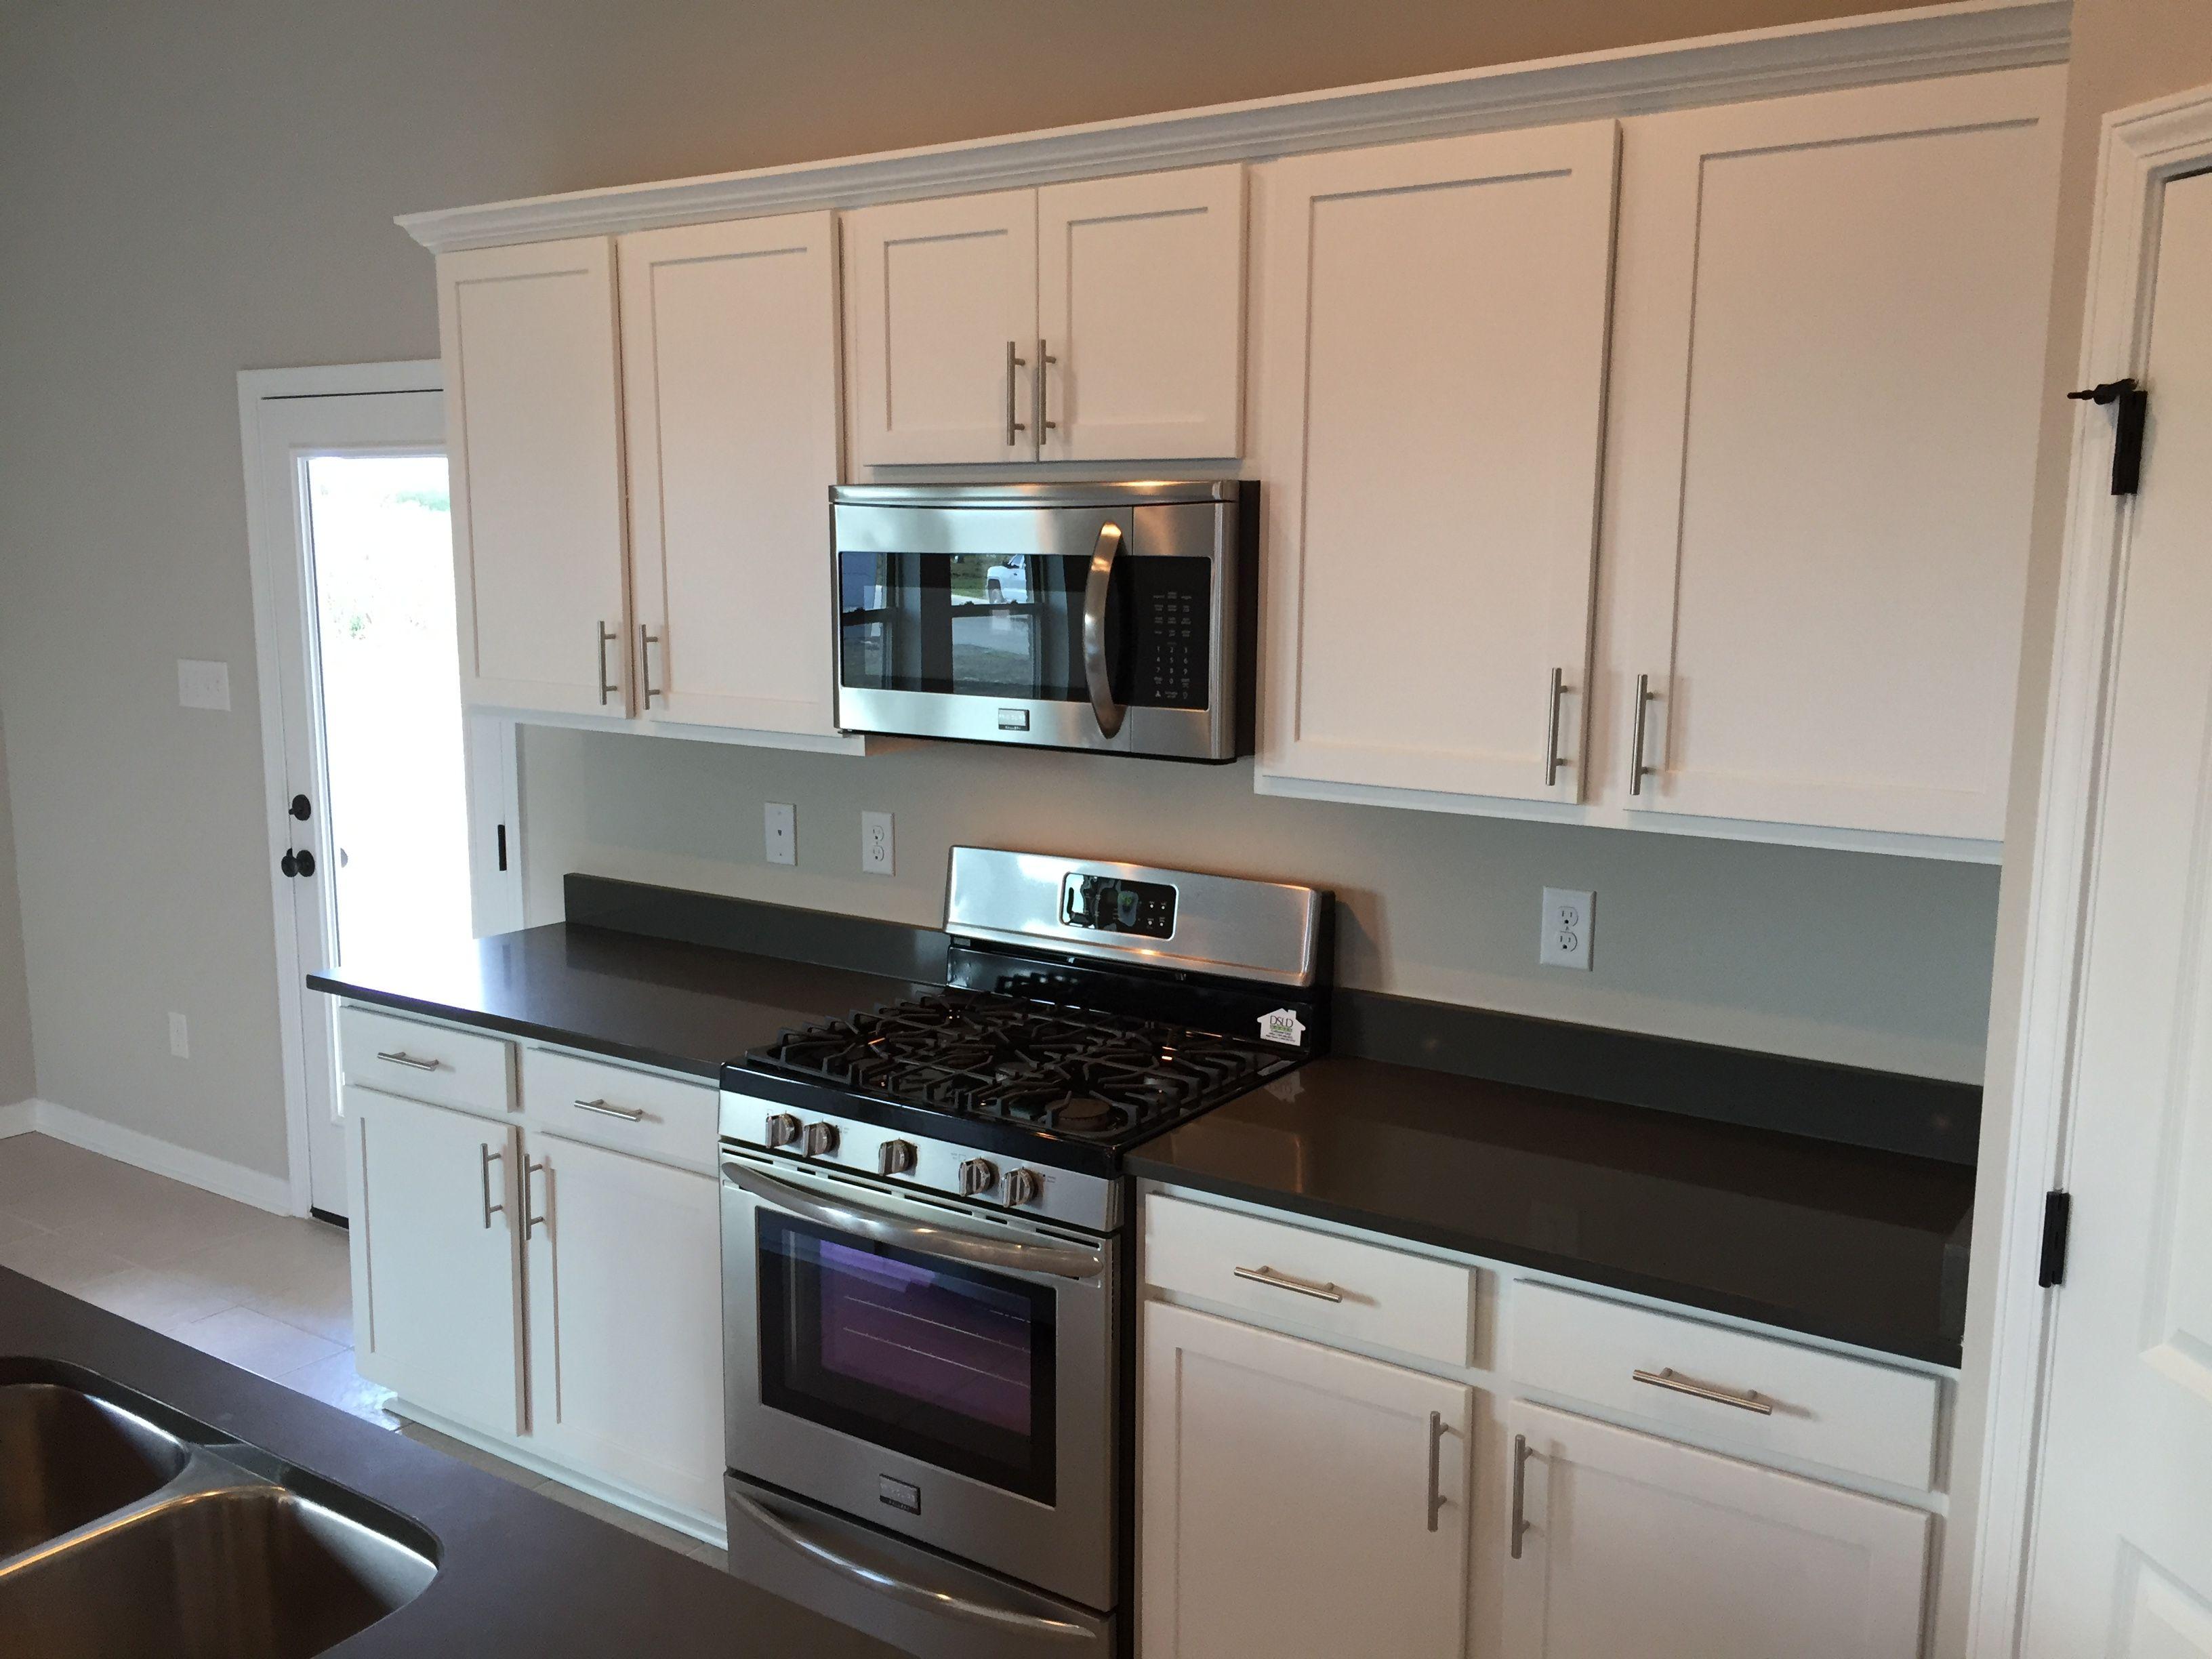 Oxford Kitchen White Cabinets Graphite Quartz Counters Kitchen White Cabinets Cabinet